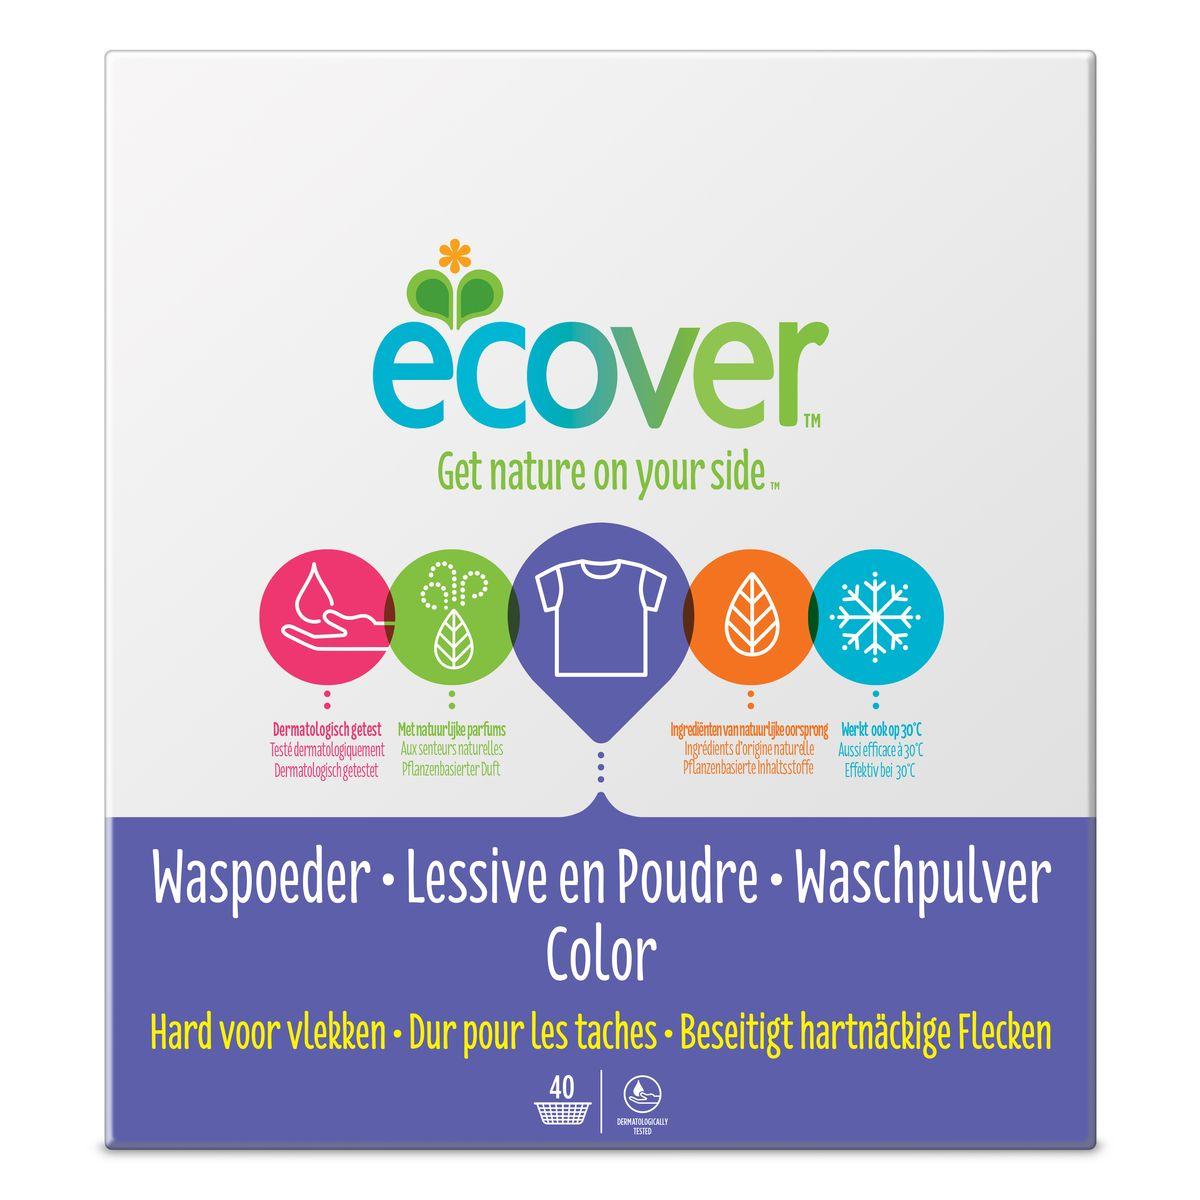 Экологический стиральный порошок Ecover, концентрат, для цветного белья, 3 кг40023Очень эффективный стиральный порошок-концентрат Ecover предназначен для стирки цветного белья. Подходит к использованию для детей от 2-х лет и взрослых. Порошок создан на основе растительных ПАВ. Улучшенная формула содержит небольшое количество бережного кислородного отбеливателя для удаления таких загрязнений как пятна от вина, фруктов, травы и т.д. Прекрасно выполаскивается. Новая формула средства позволяет использовать меньше порошка и обеспечивает на 25% больше стирок! При машинной стирке не требуется добавление средств для смягчения воды и предотвращения образования накипи (типа Calgon). Обладает легким натуральным ароматом. Не содержит фосфатов и синтетических ароматизаторов. Содержит энзимы (не ГМО) и натуральный кислородный отбеливатель. Подходит для использования в домах с автономной канализацией. Не наносит вреда любым видам септиков! Характеристики: Состав: 15-30% анионные био-ПАВ цеолиты, 5-15% неионные ПАВ, силикат натрия, карбонат натрия,...